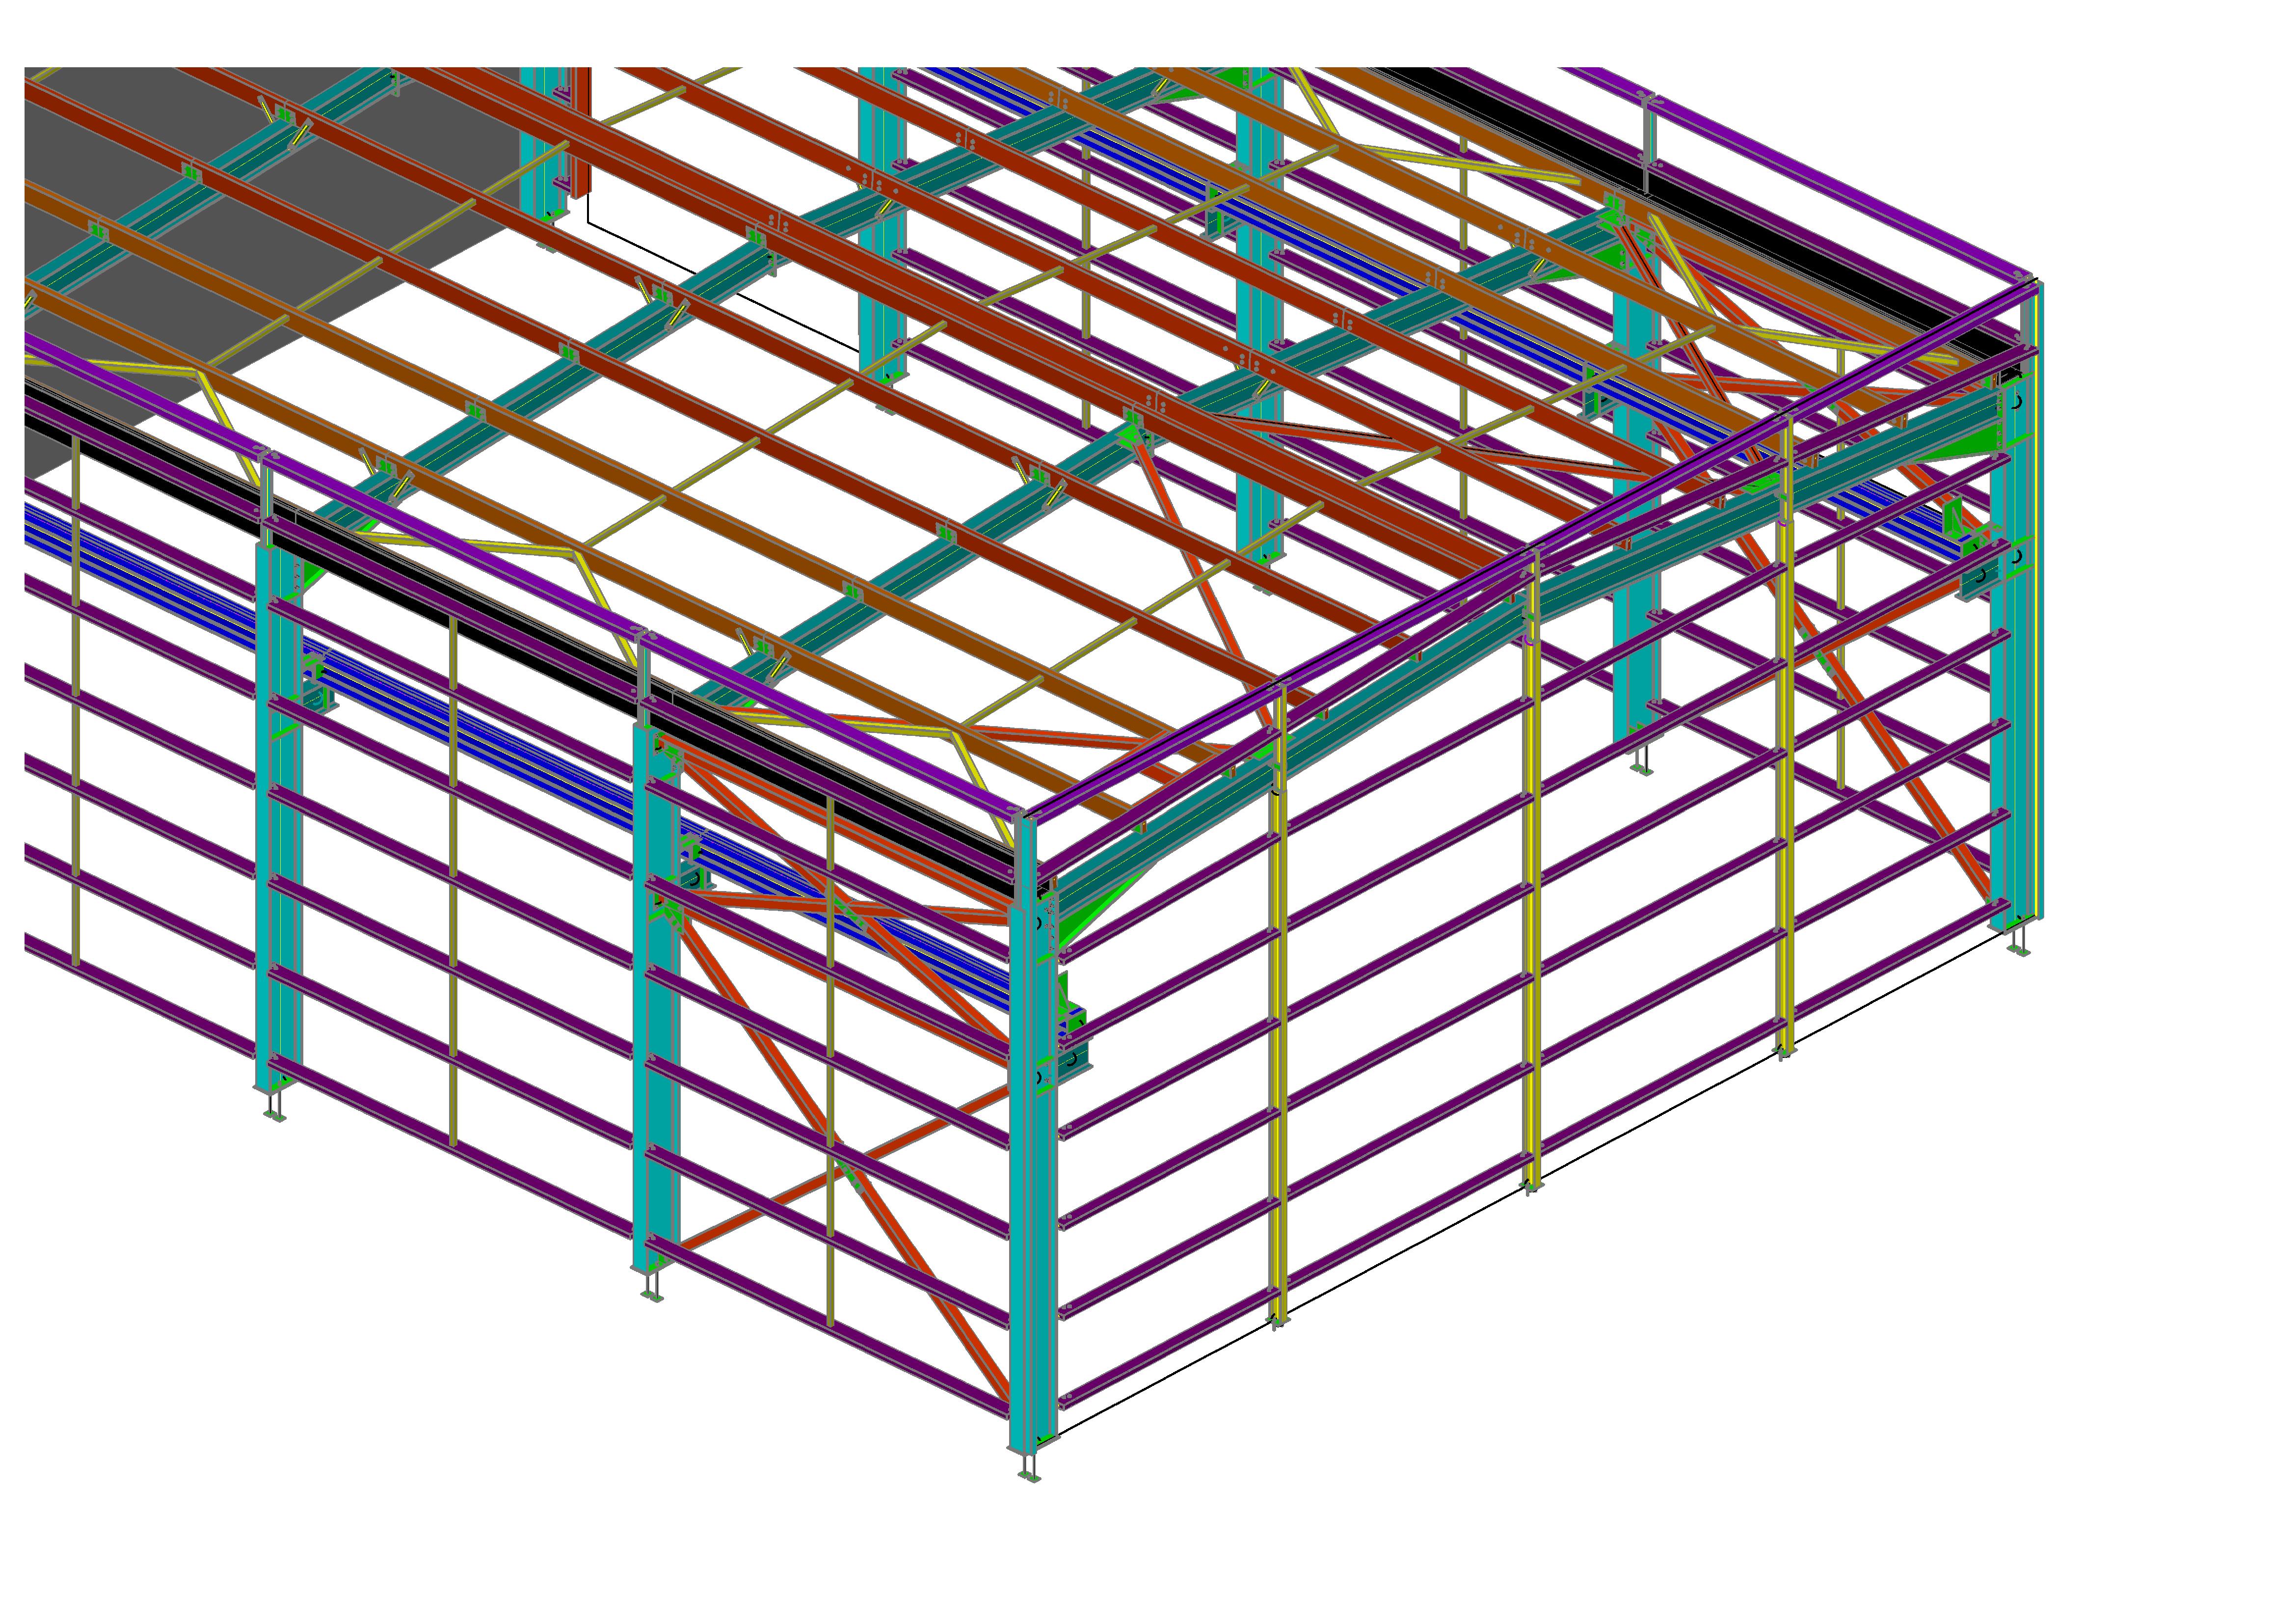 Bâtiment industriel acier et bois avec voies de roulement de pont roulant - Optimax Structures